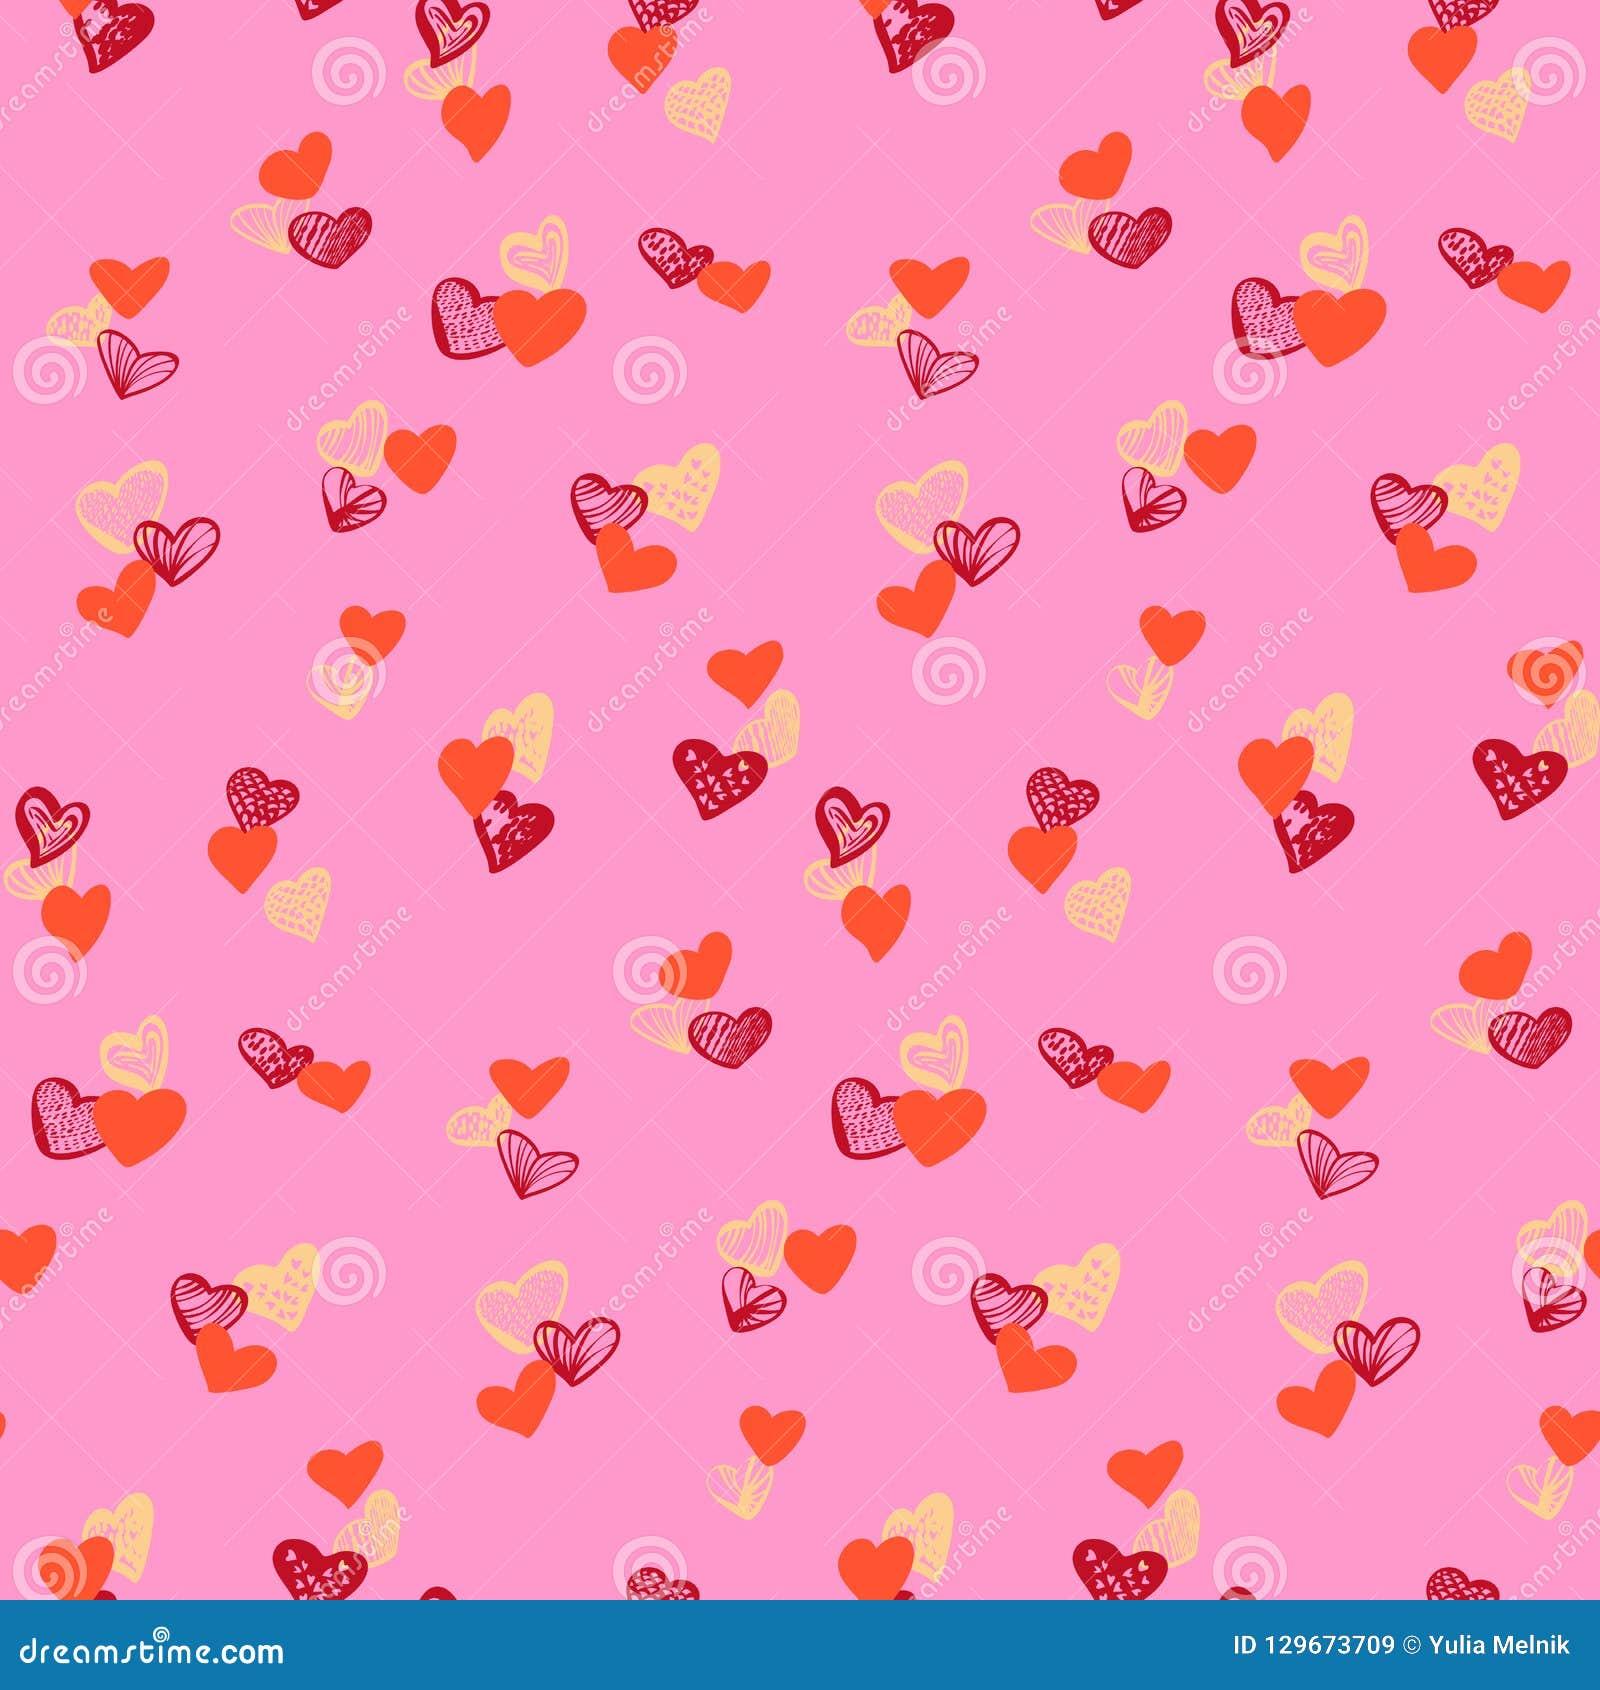 Kleurrijk harten naadloos patroon op roze achtergrond